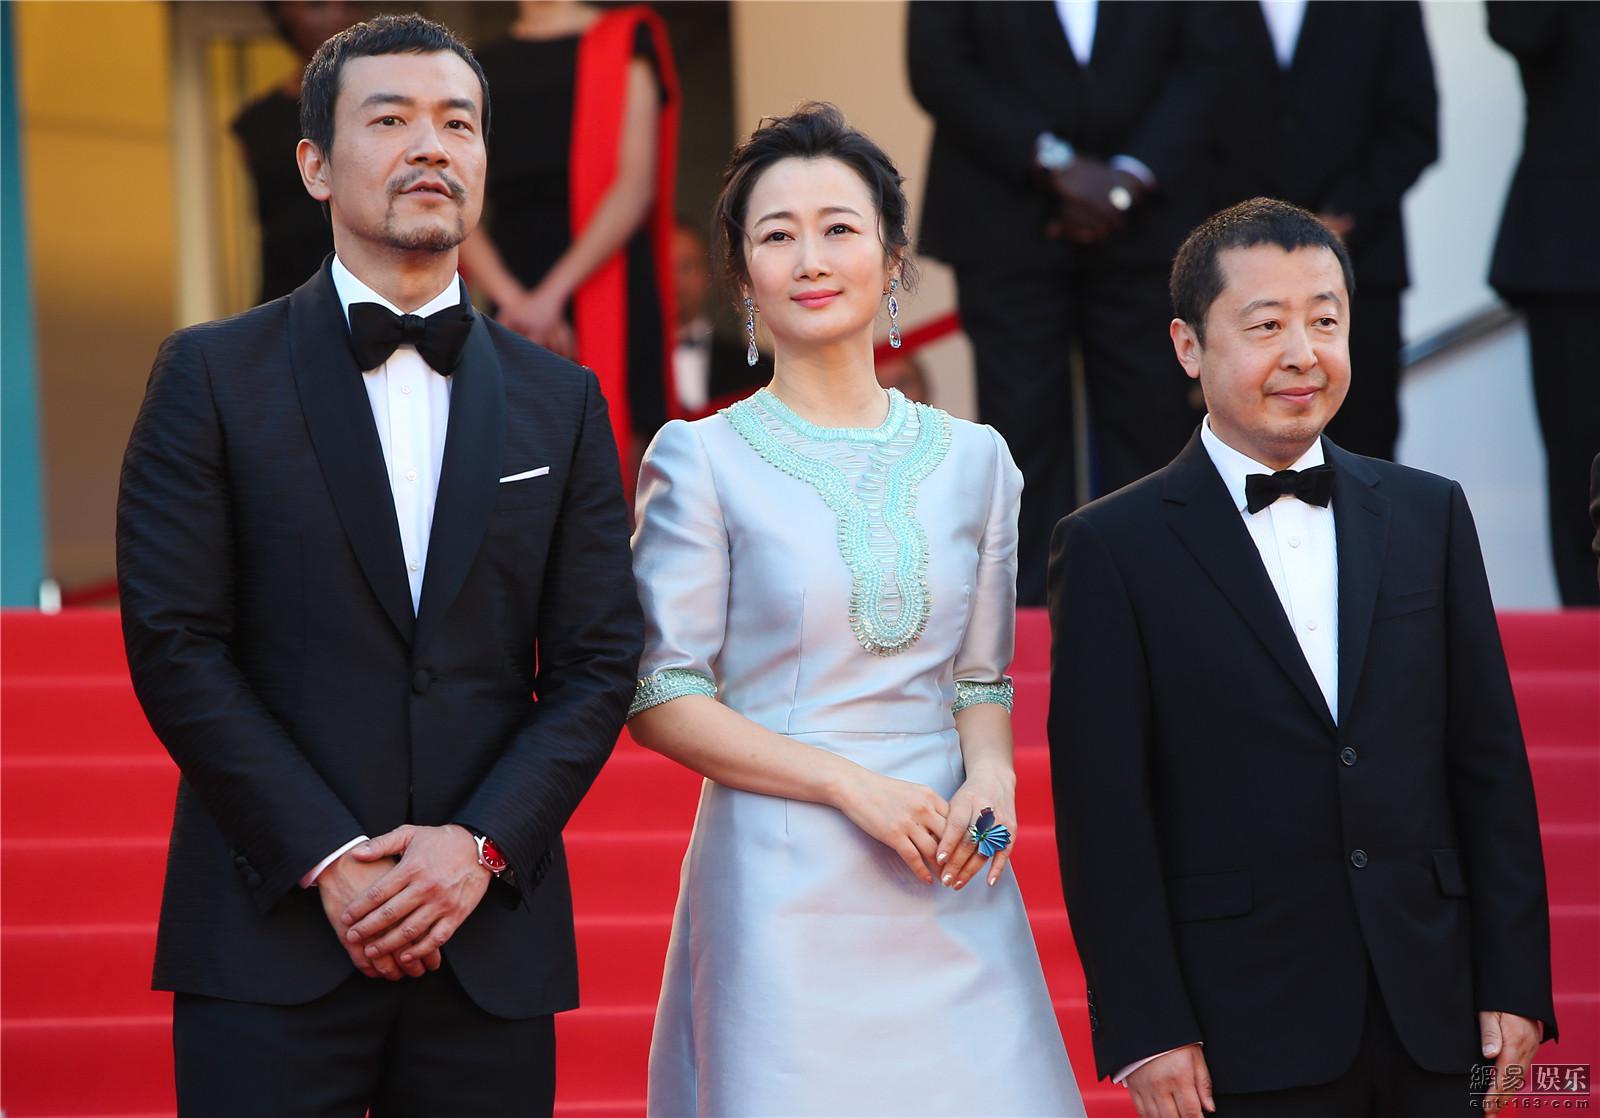 廖凡、赵涛、贾樟柯亮相《江湖儿女》戛纳首映红毯